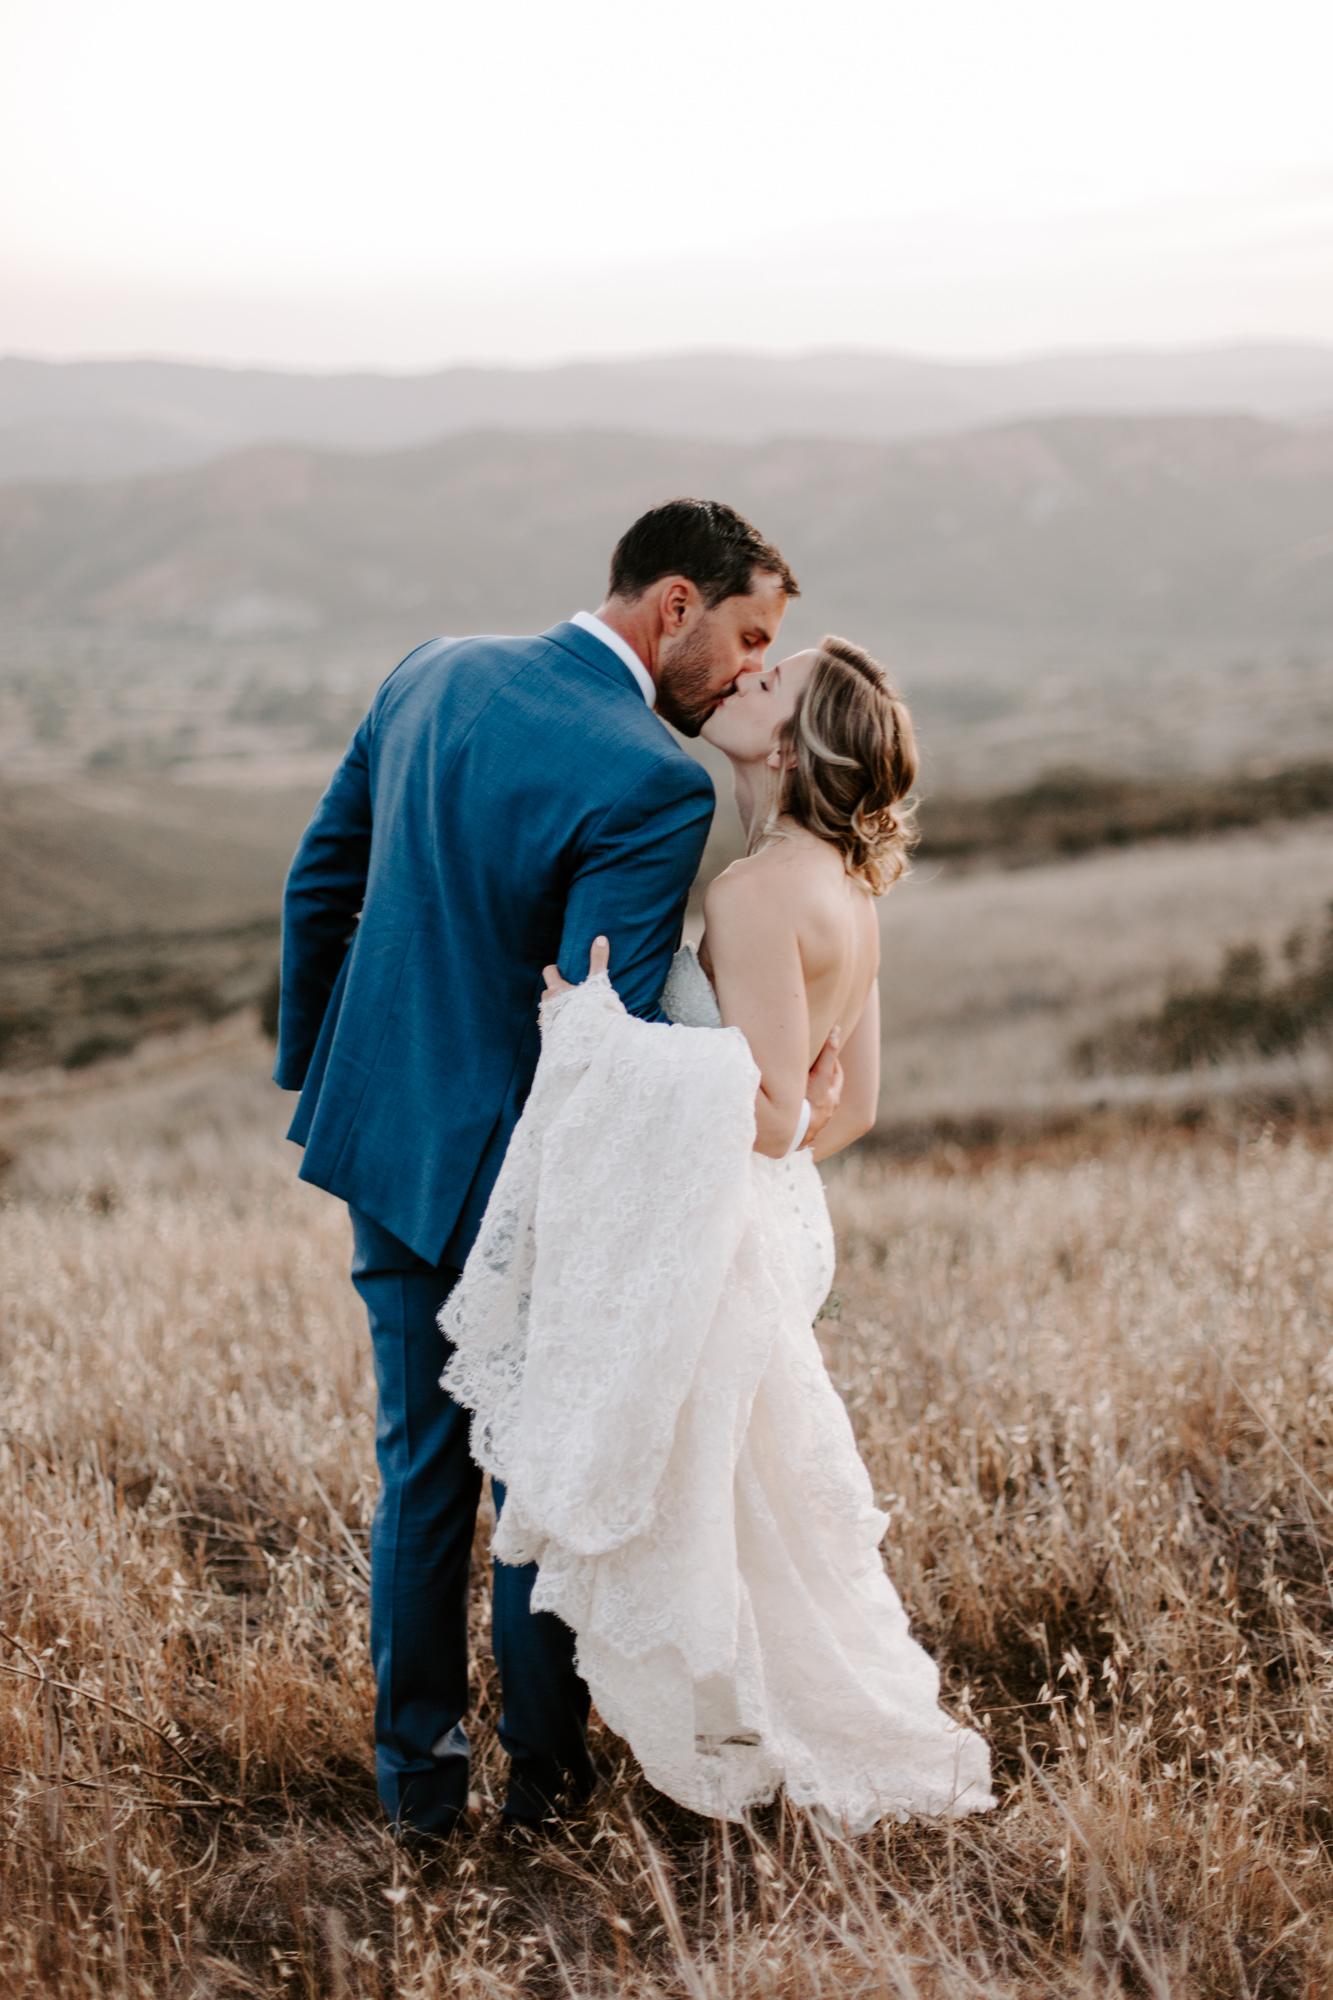 San Diego Wedding photography in Silverado Backyard Wedding072.jpg